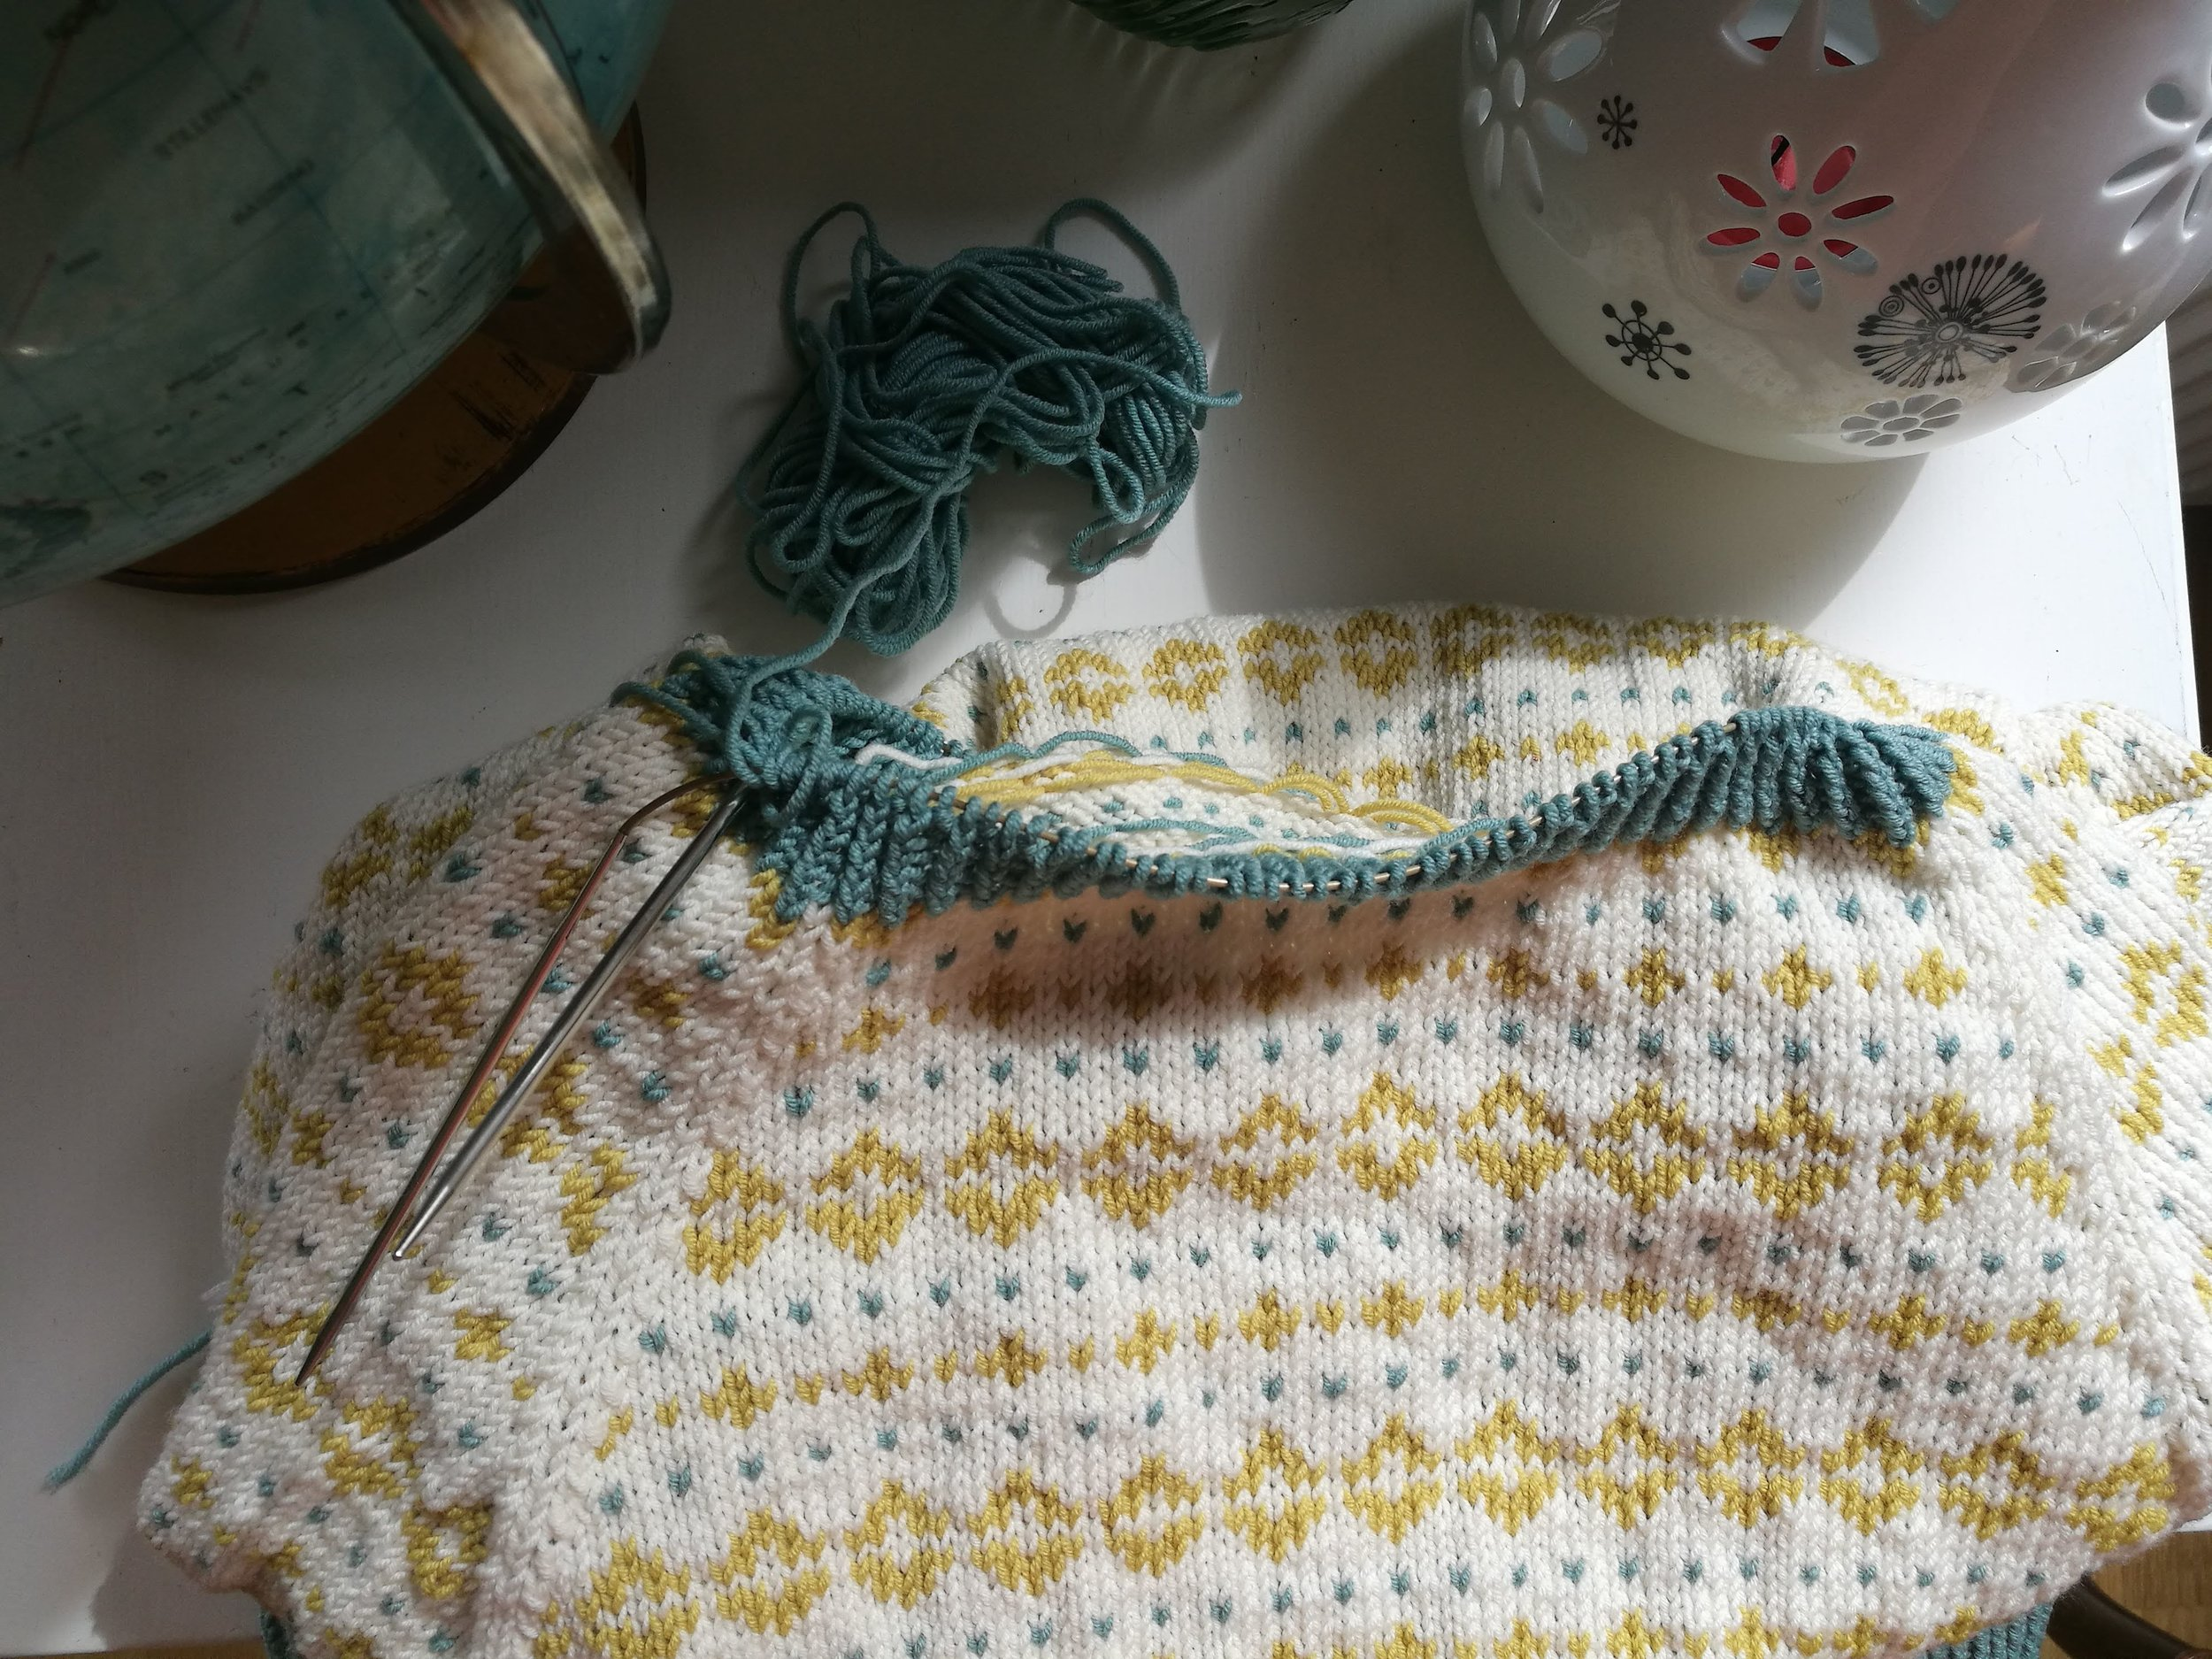 Her er genseren nesten ferdig, men som dere jo ser er halsen altfor slapp, så jeg måtte strikke den på nytt. Nå derimot, er den ferdig på ekte, den skal bare dampes eller presses eller hva man gjør meg en ferdig genser. JEg lover at jeg skal vise den frem!